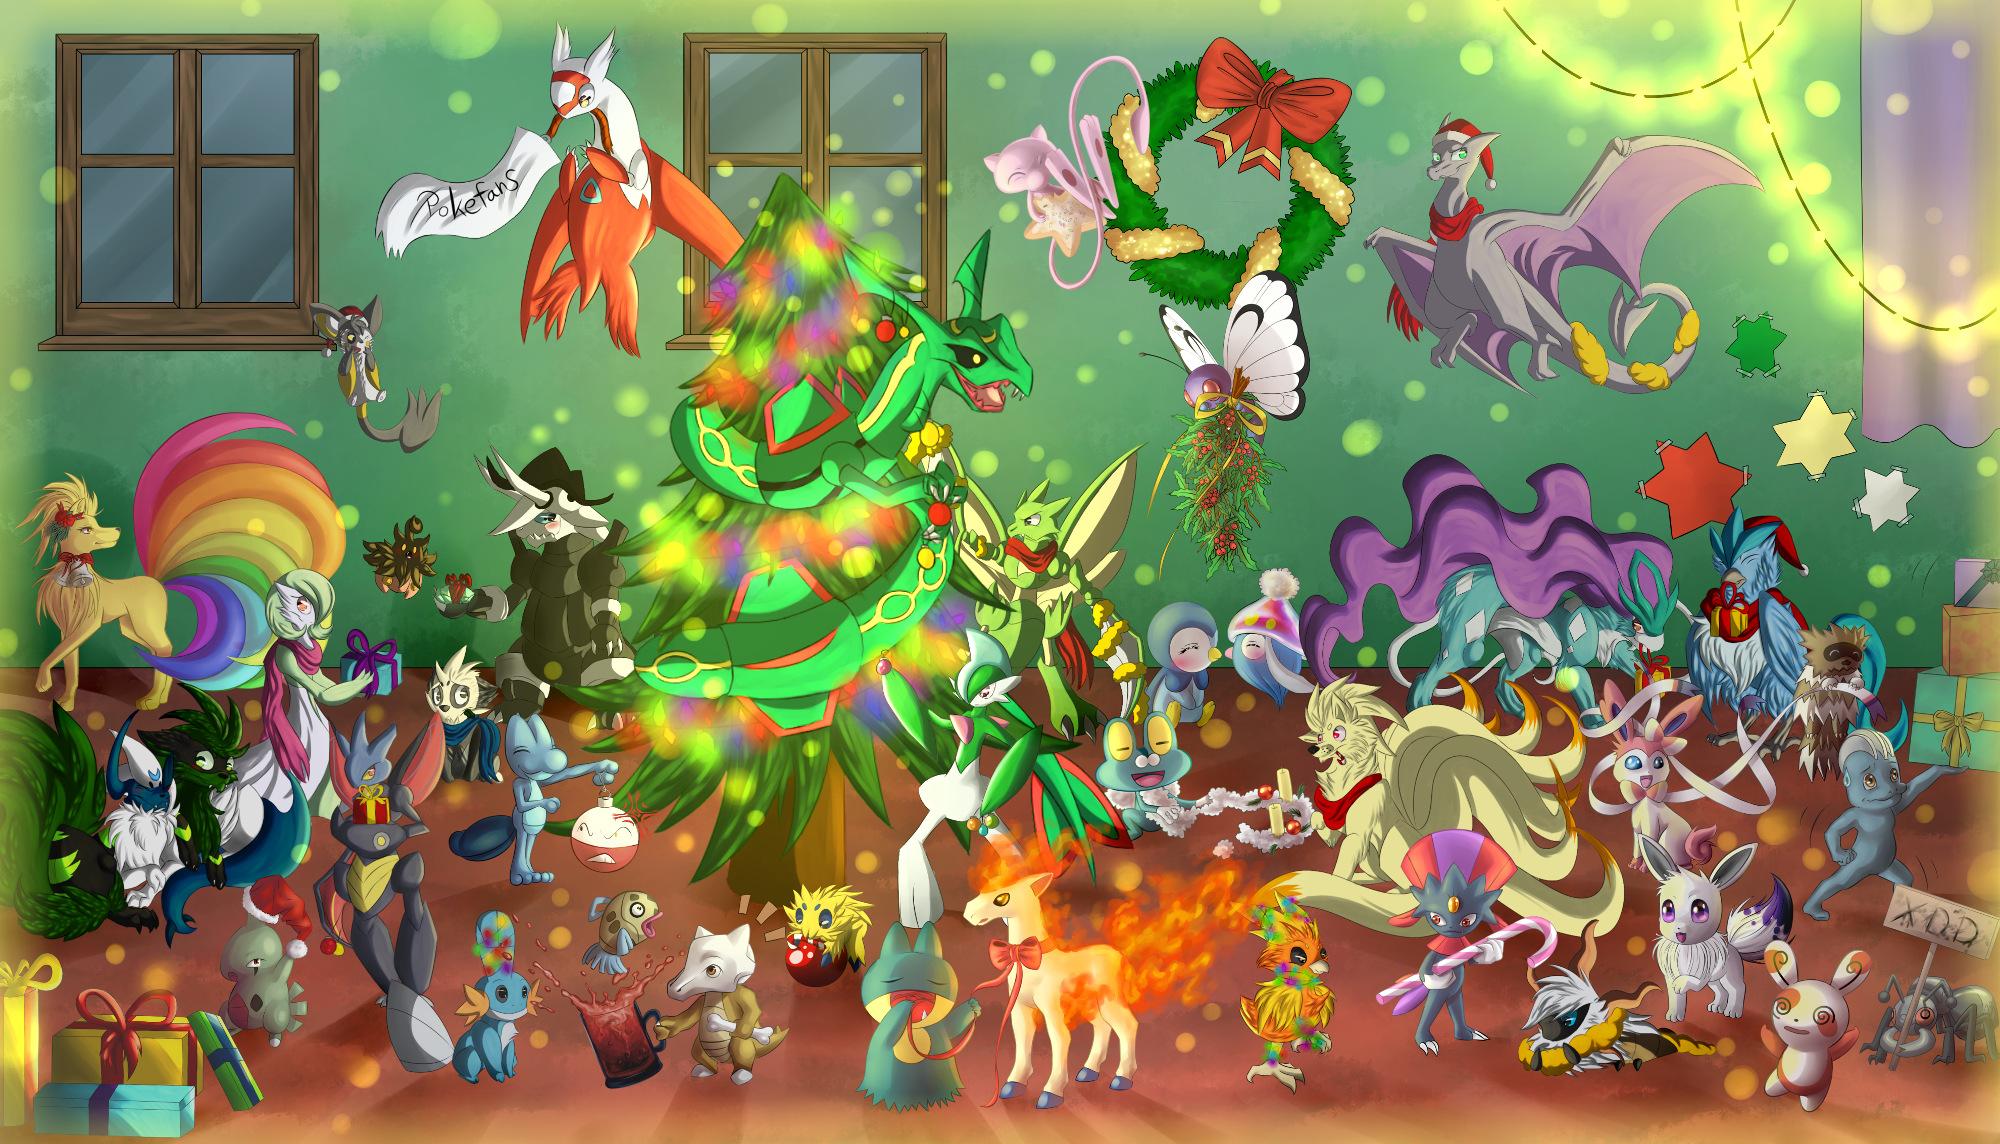 Pokémon-Zeichnung: Frohe Weihnachten, Pokefans!